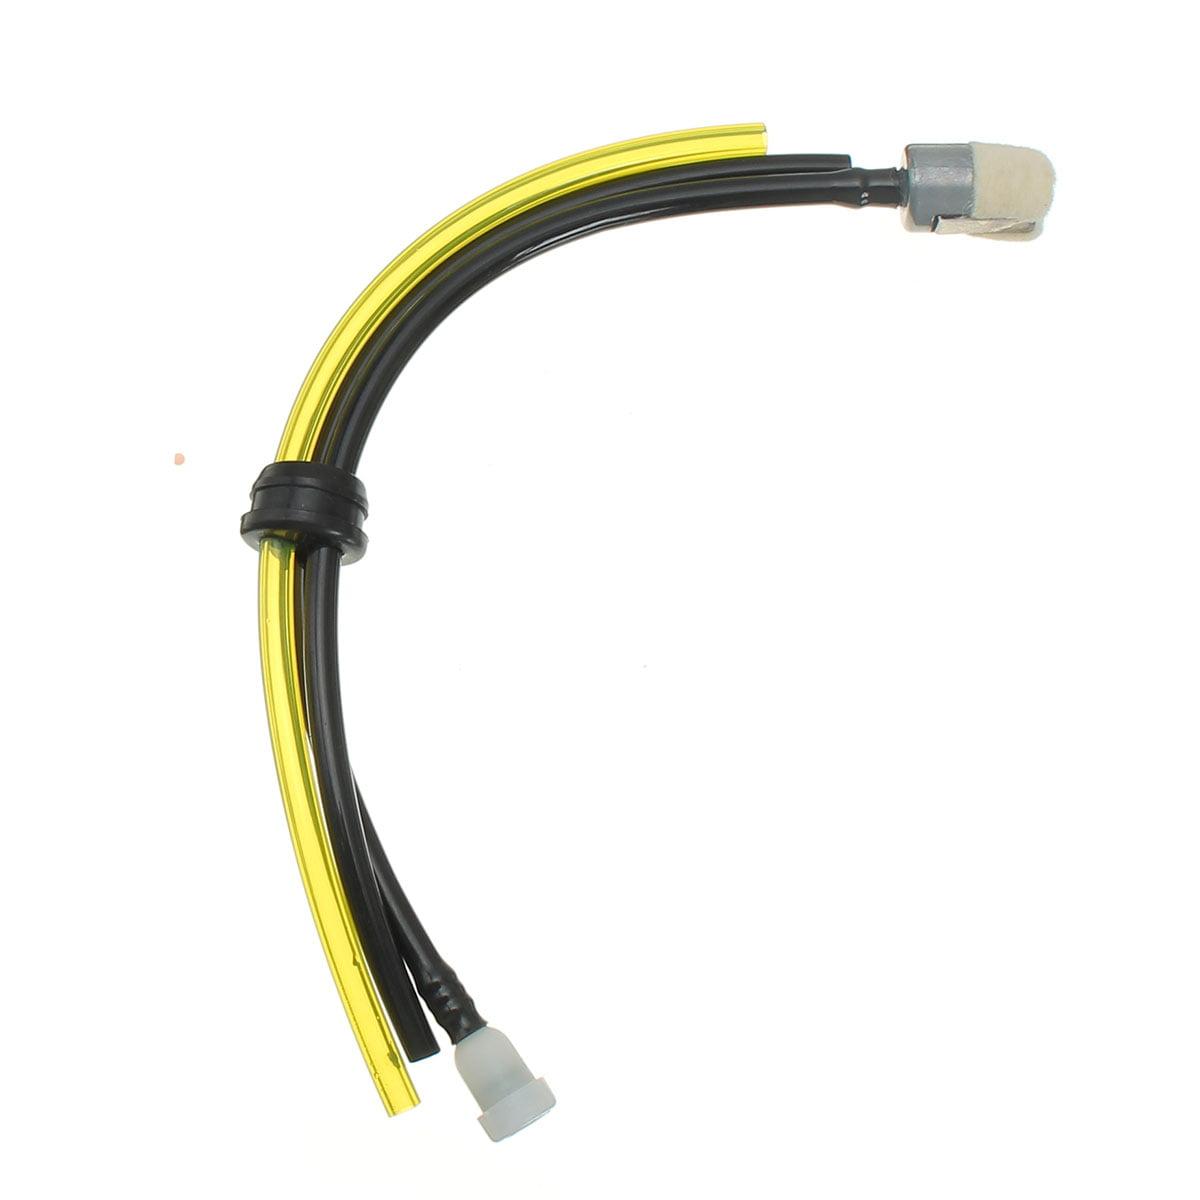 Fuel Line Kit Fits Echo Trimmers Blowers GT200-2000 225 SRM 2100 210 225 # 90097